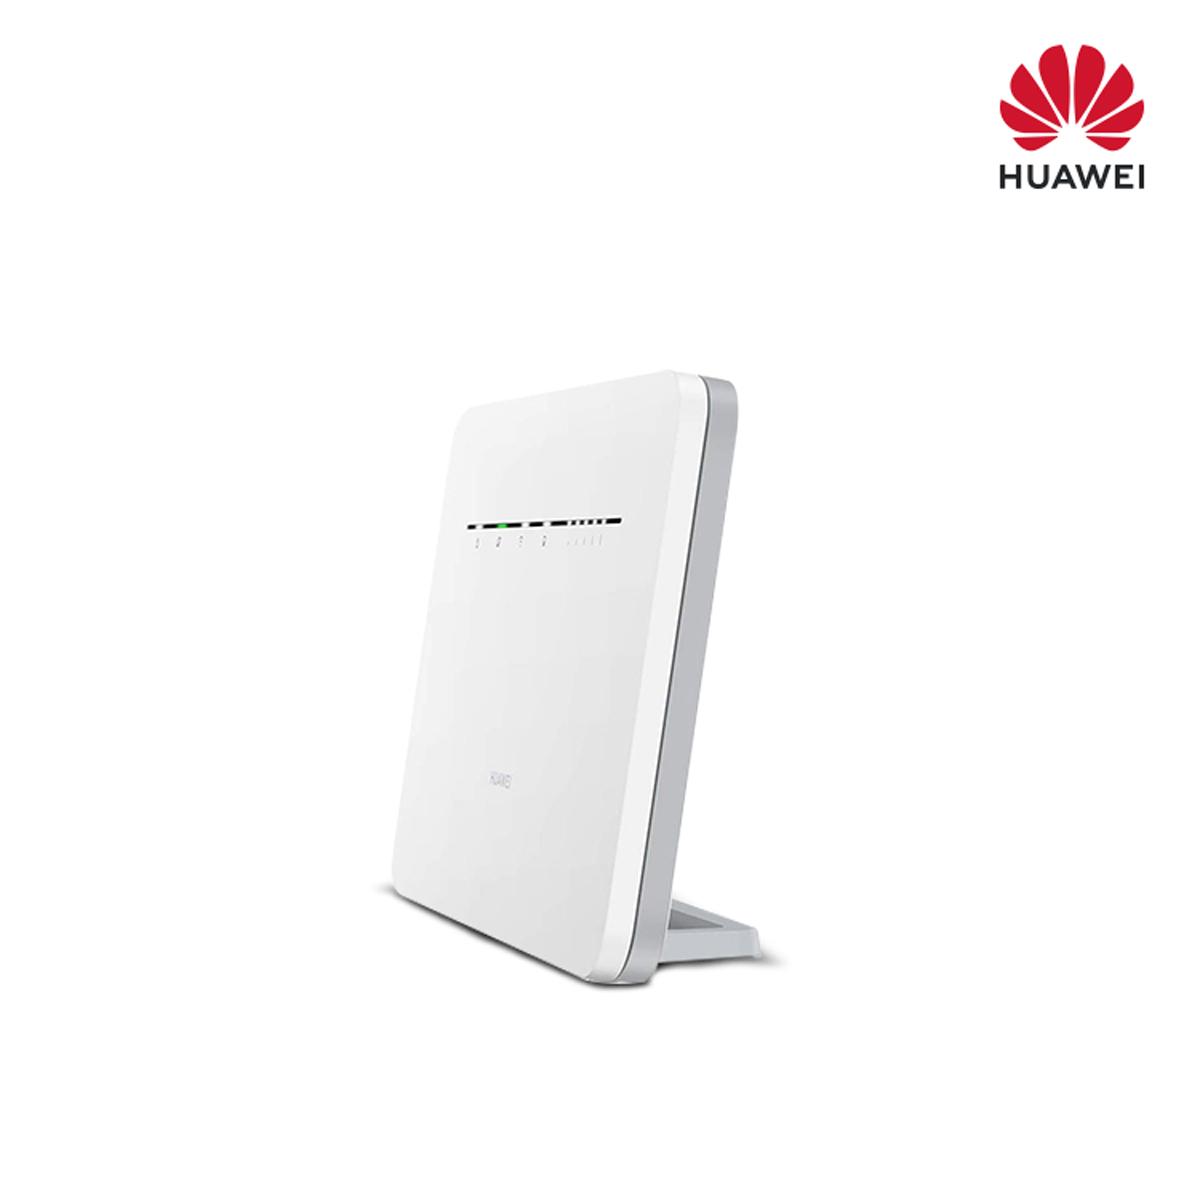 Huawei-B535-932-4G+-Router-3-Pro